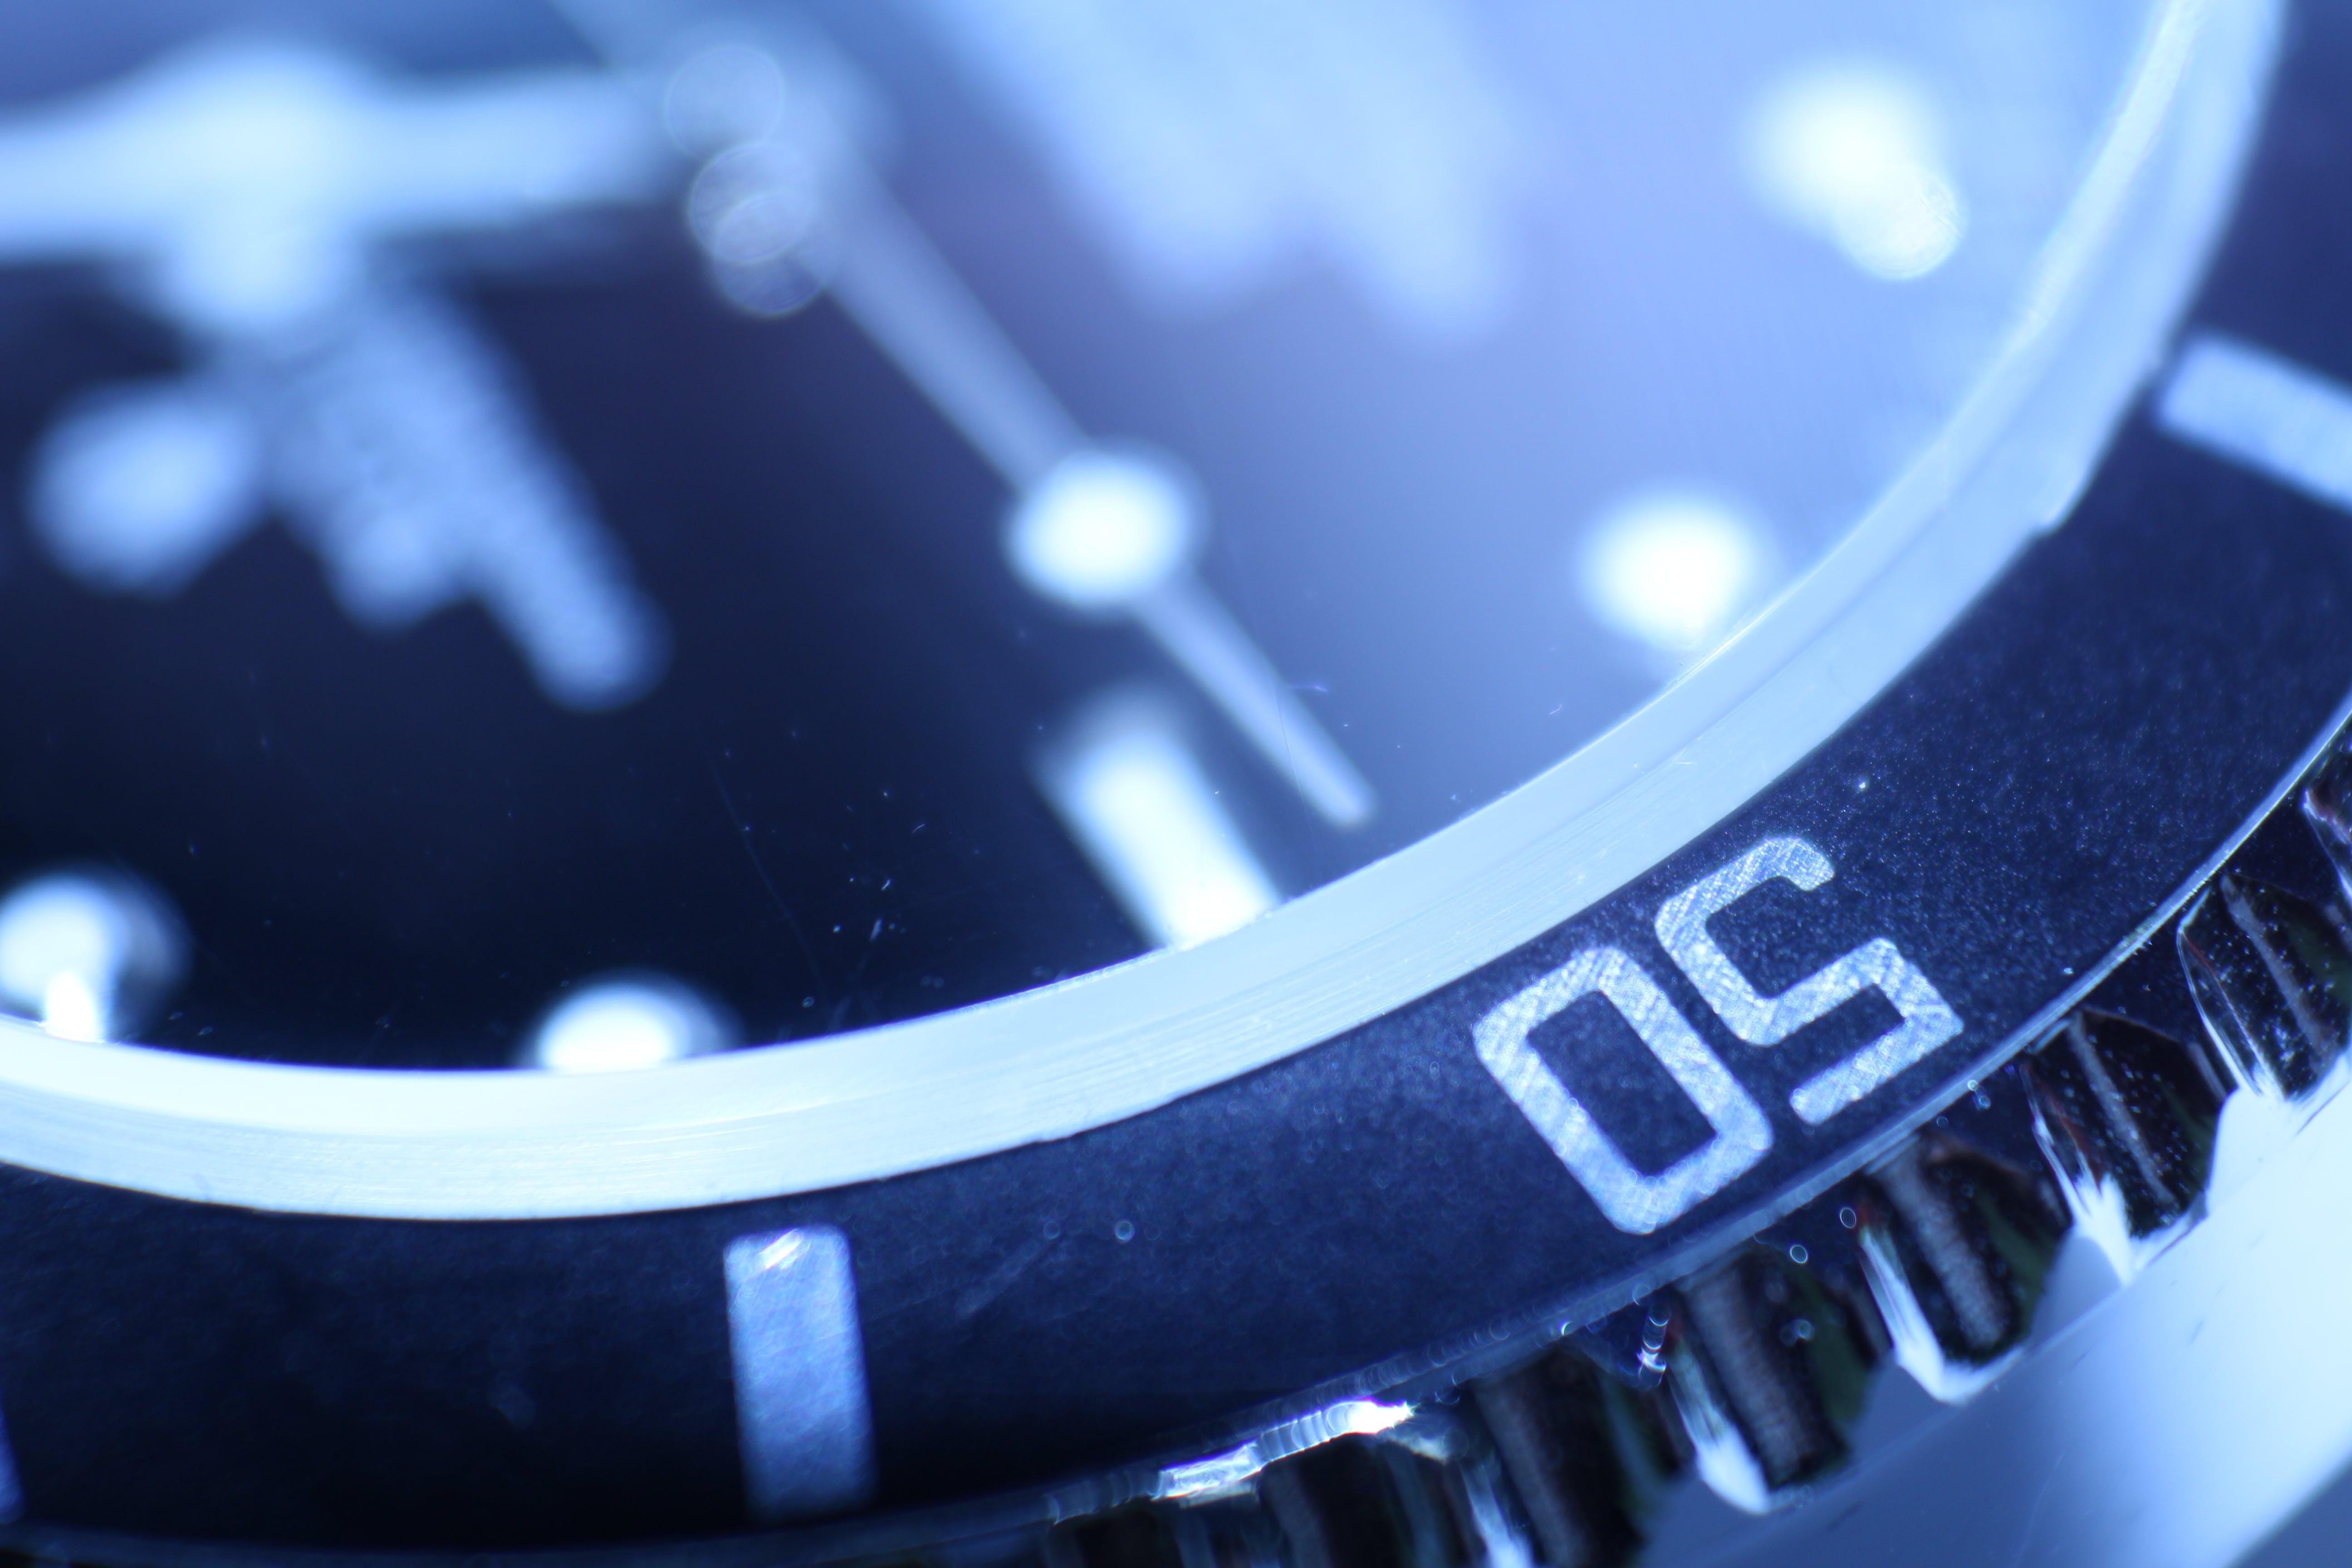 accessoire, accessory, clock